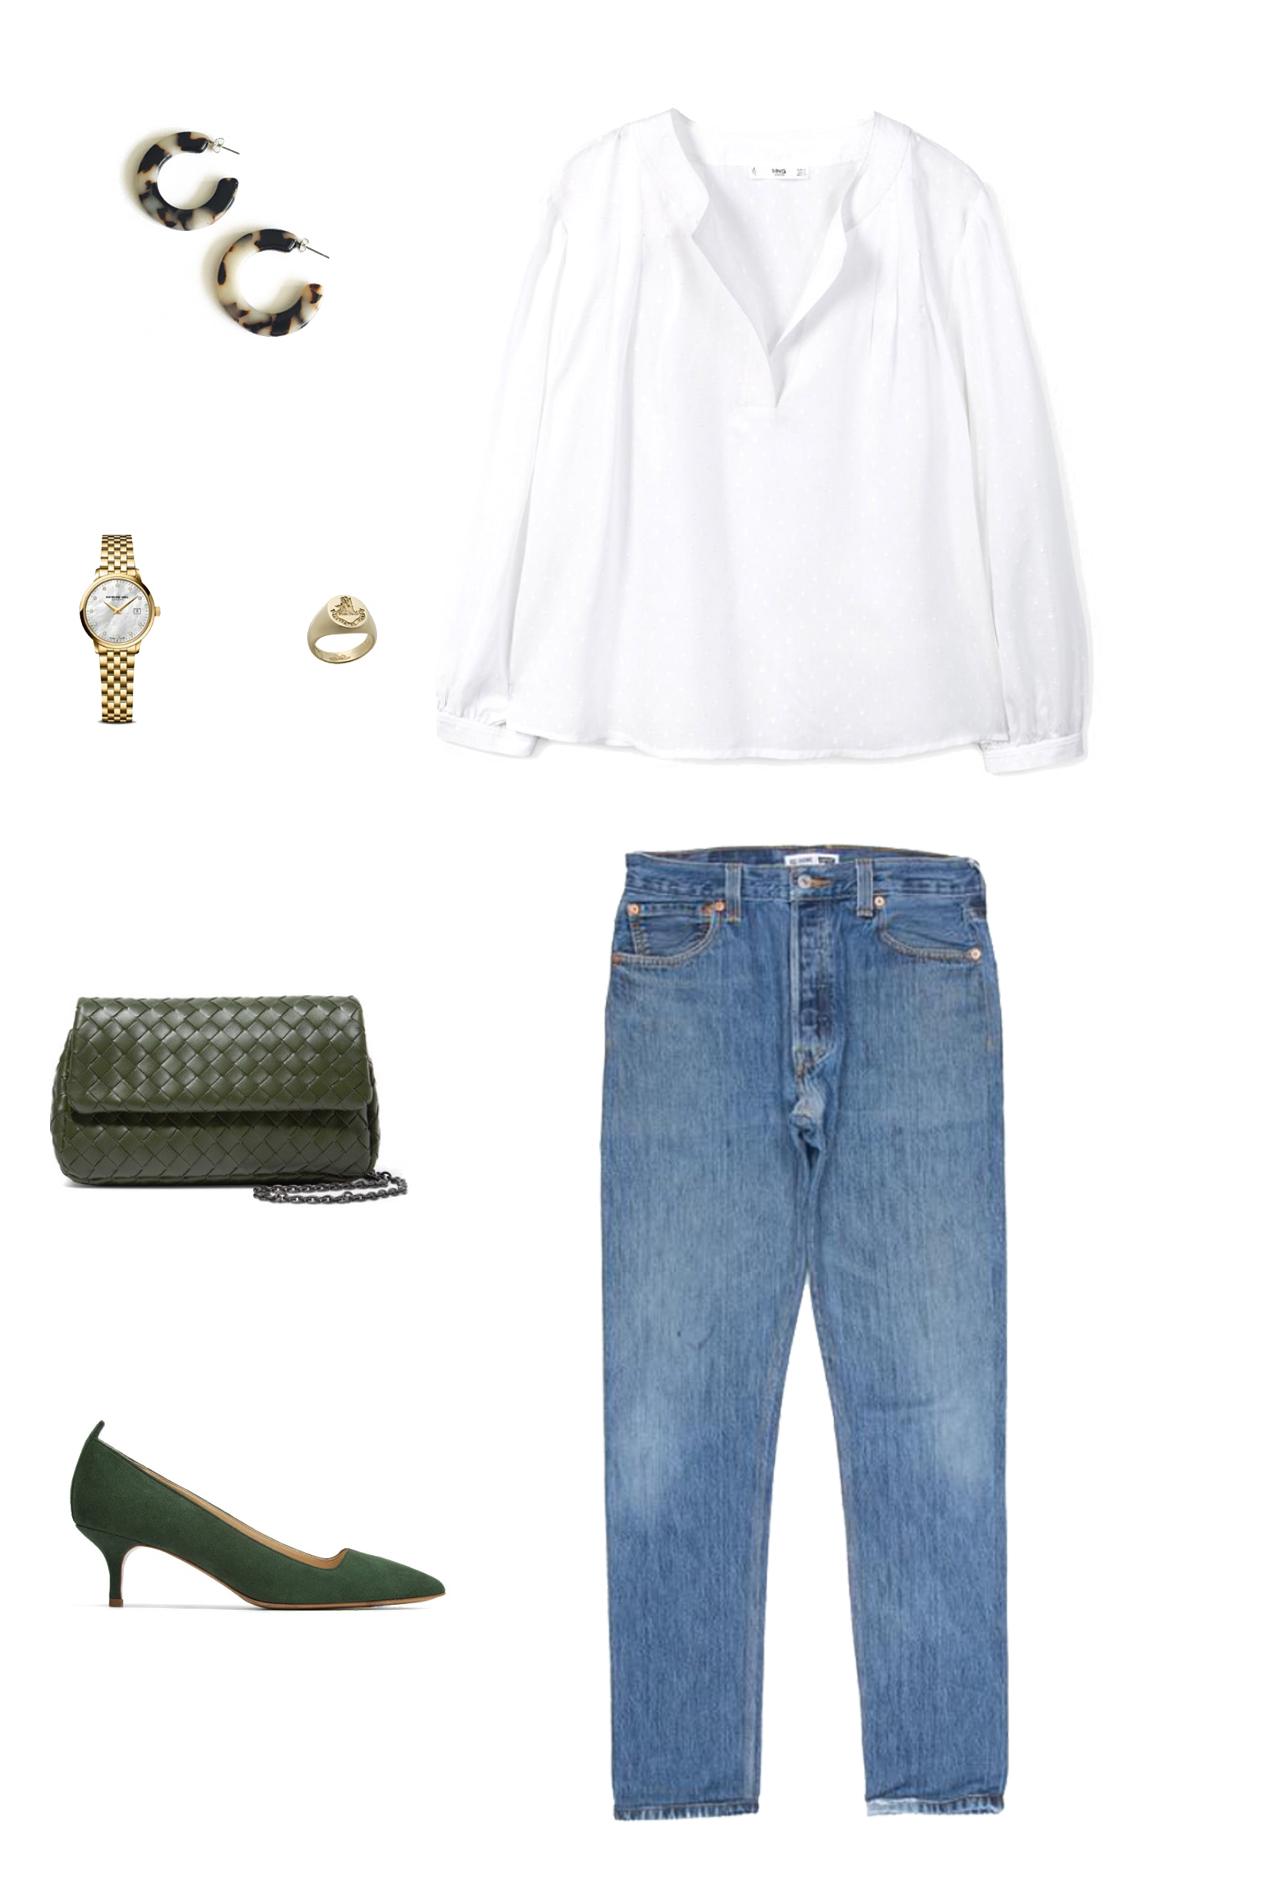 hm-white-shirt-redone-jeans-shop-machete-earrings-tortoise-shell-earrings.jpg